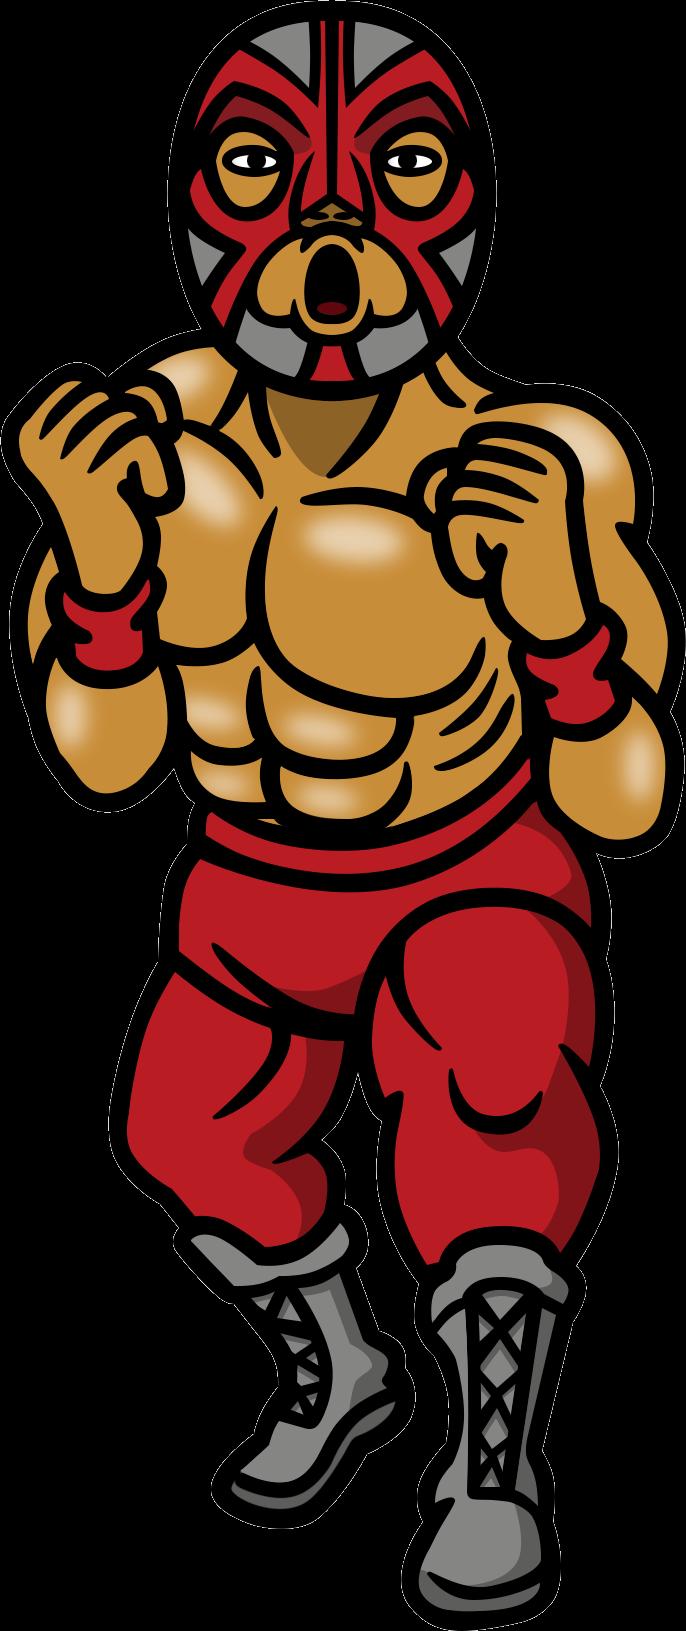 Wrestlers clipart hand to hand. Wrestler rhythm heaven wiki